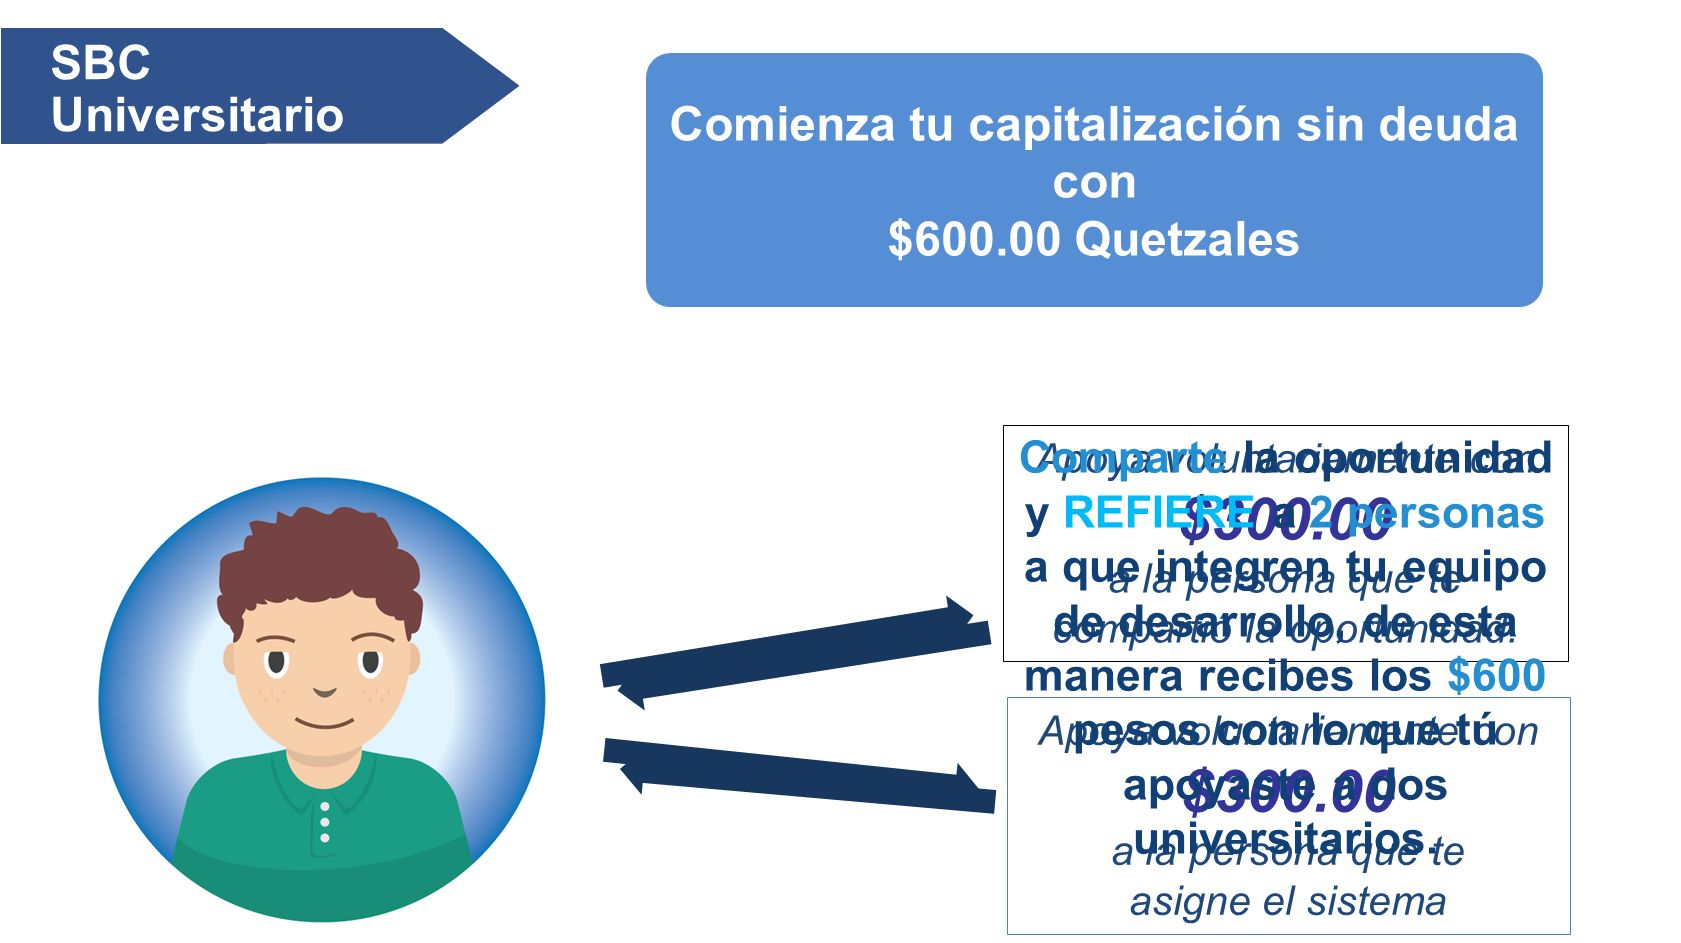 SBC Universitario Comienza tu capitalización sin deuda con $600.00 Quetzales Apoya voluntariamente con $300.00 a la persona que te compartió la oportunidad.